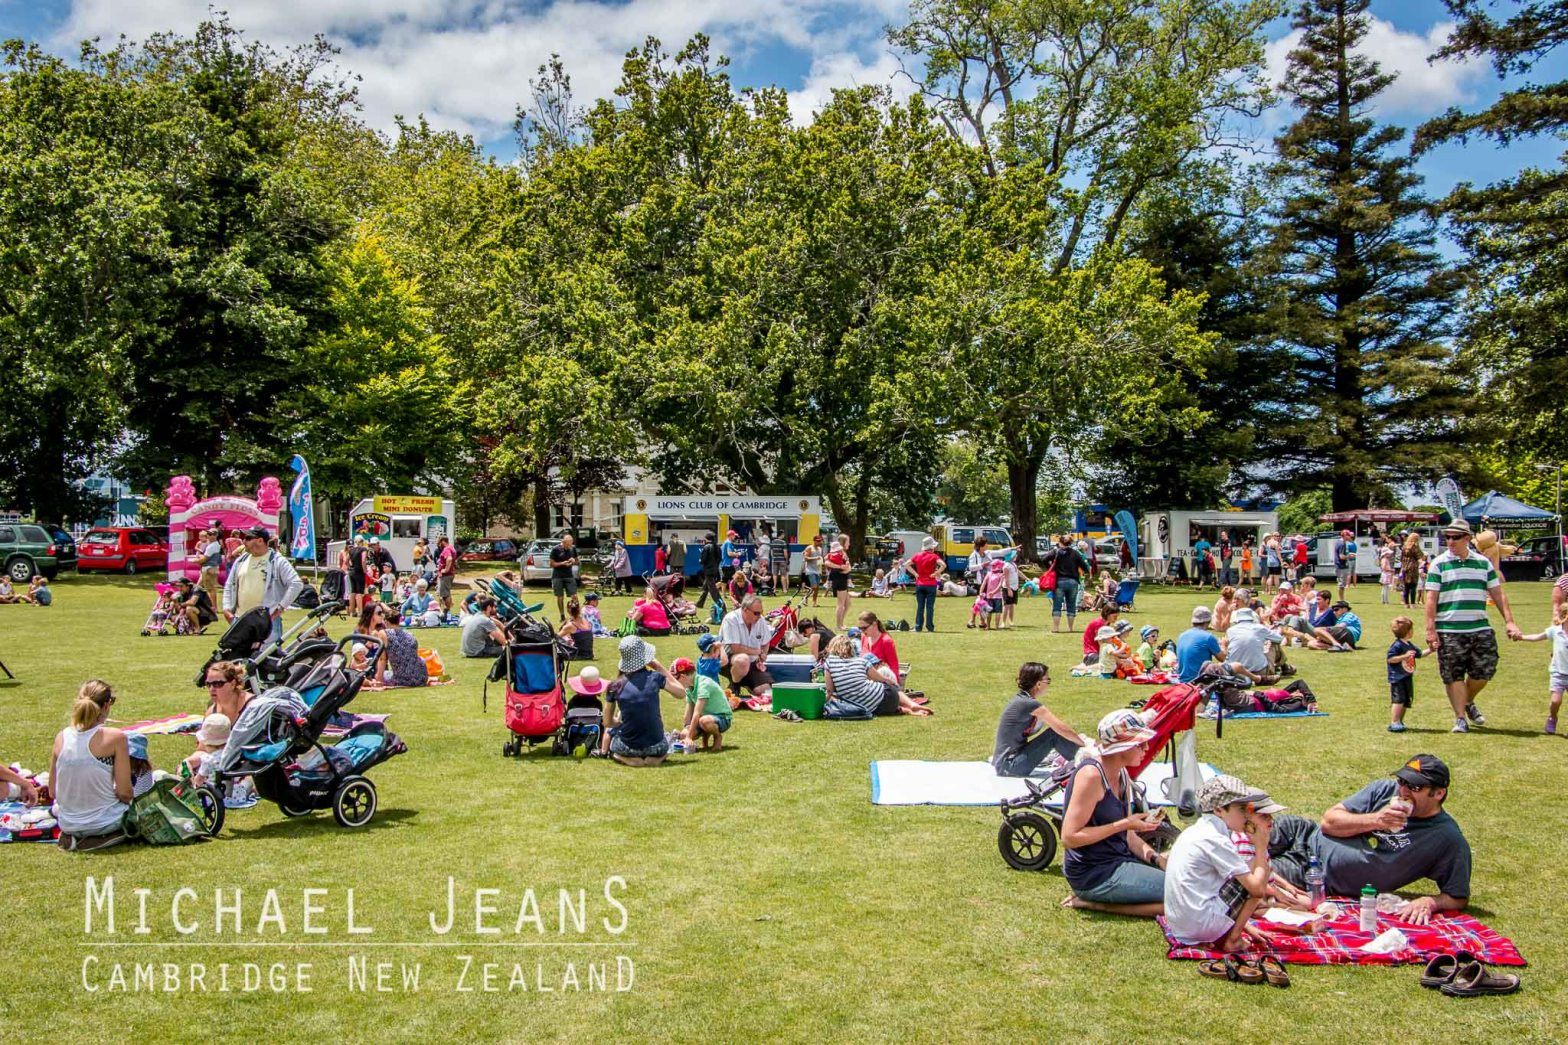 Summer Victoria Square Cambridge New Zealand